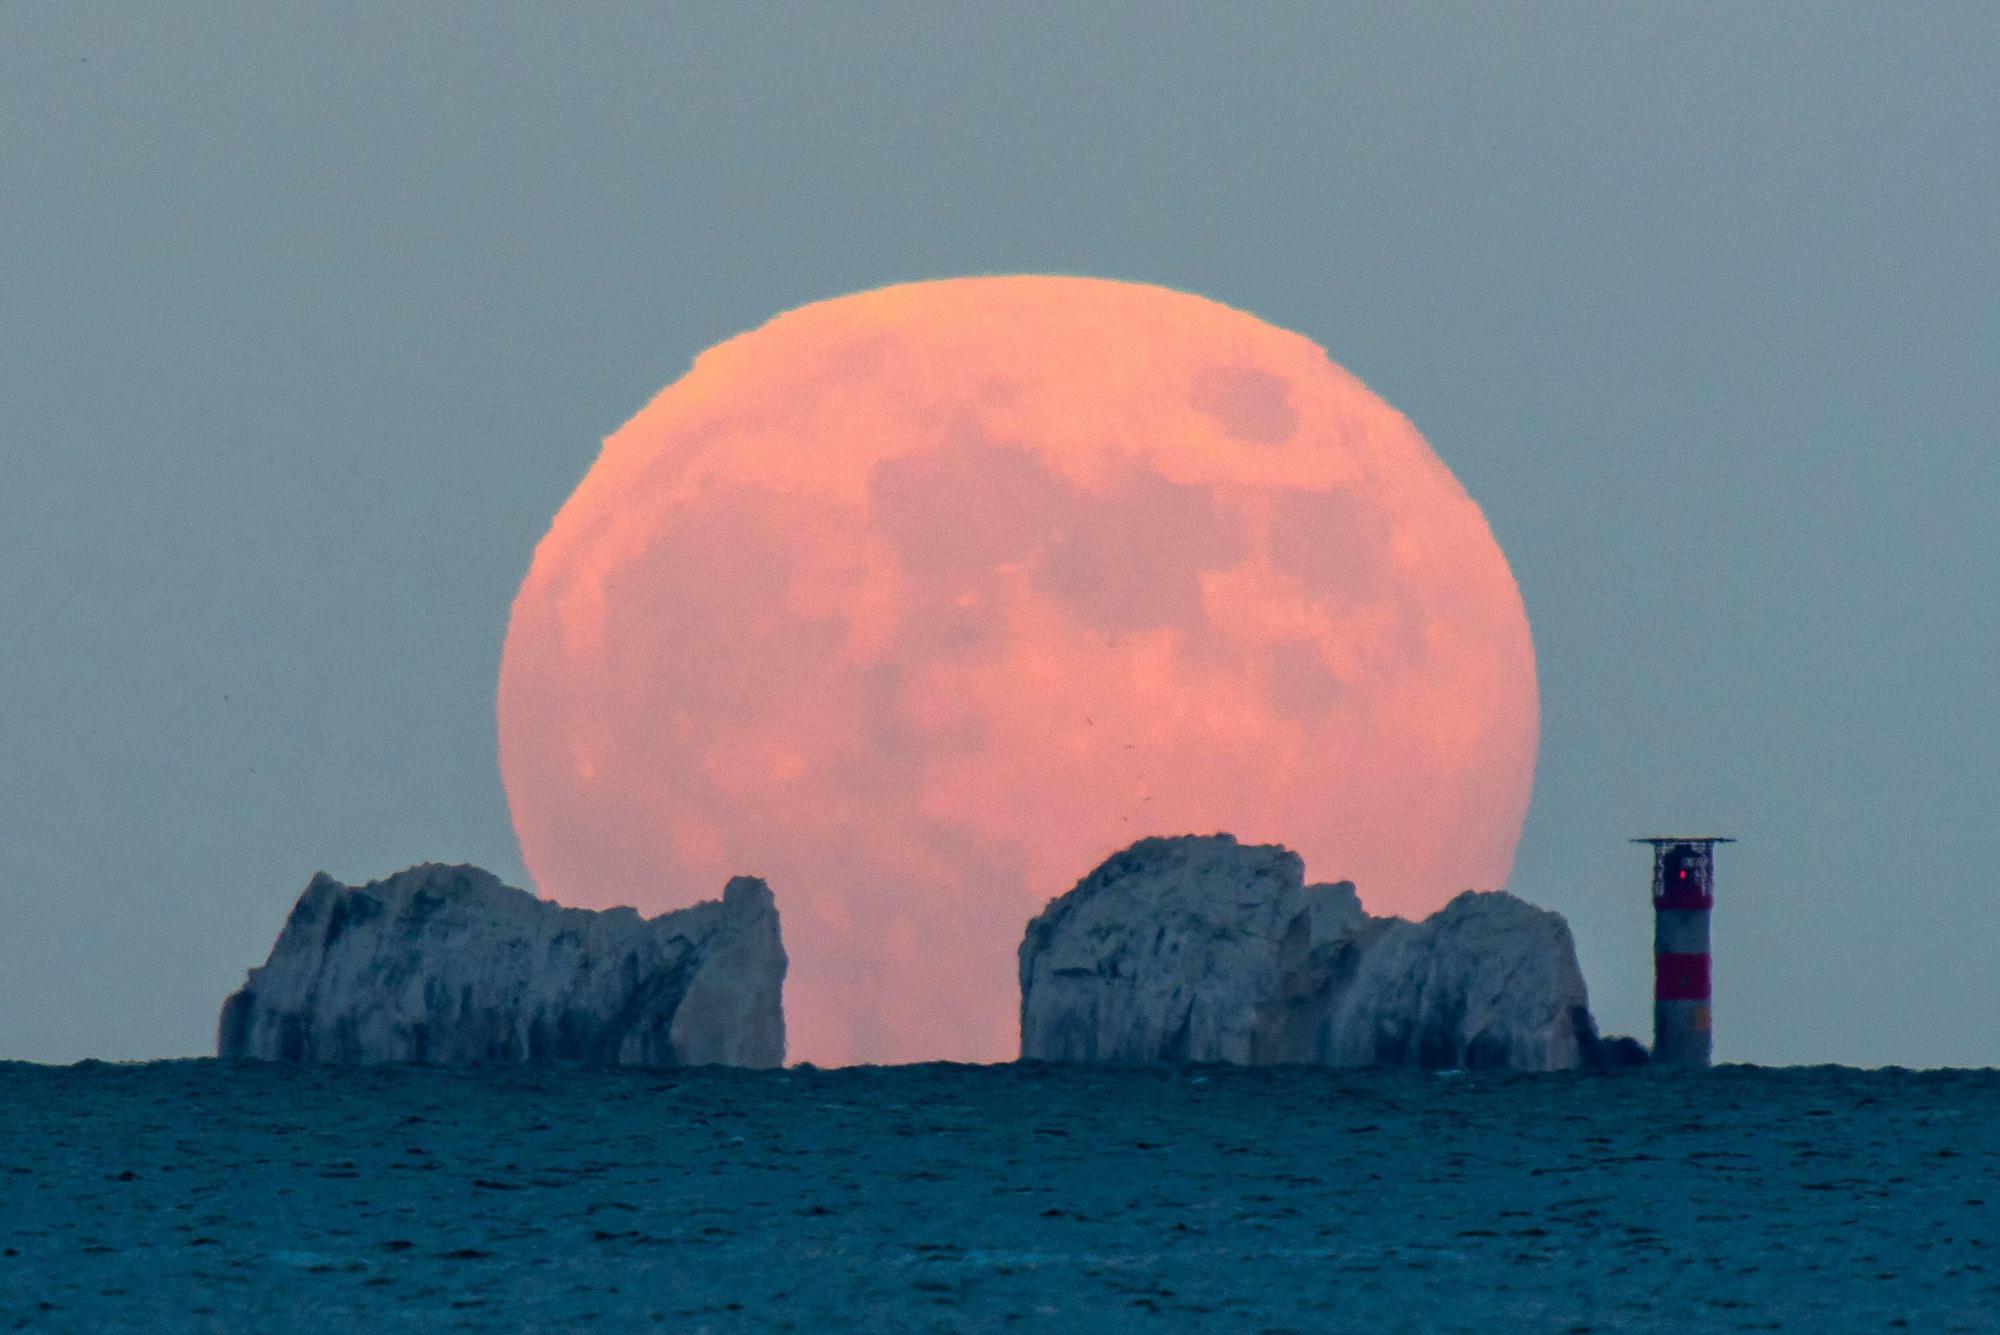 Ngất ngây với một loạt khoảnh khắc về hiện tượng mặt trăng dâu tây hiếm có diễn ra vào đêm qua, rạng sáng nay - Ảnh 1.